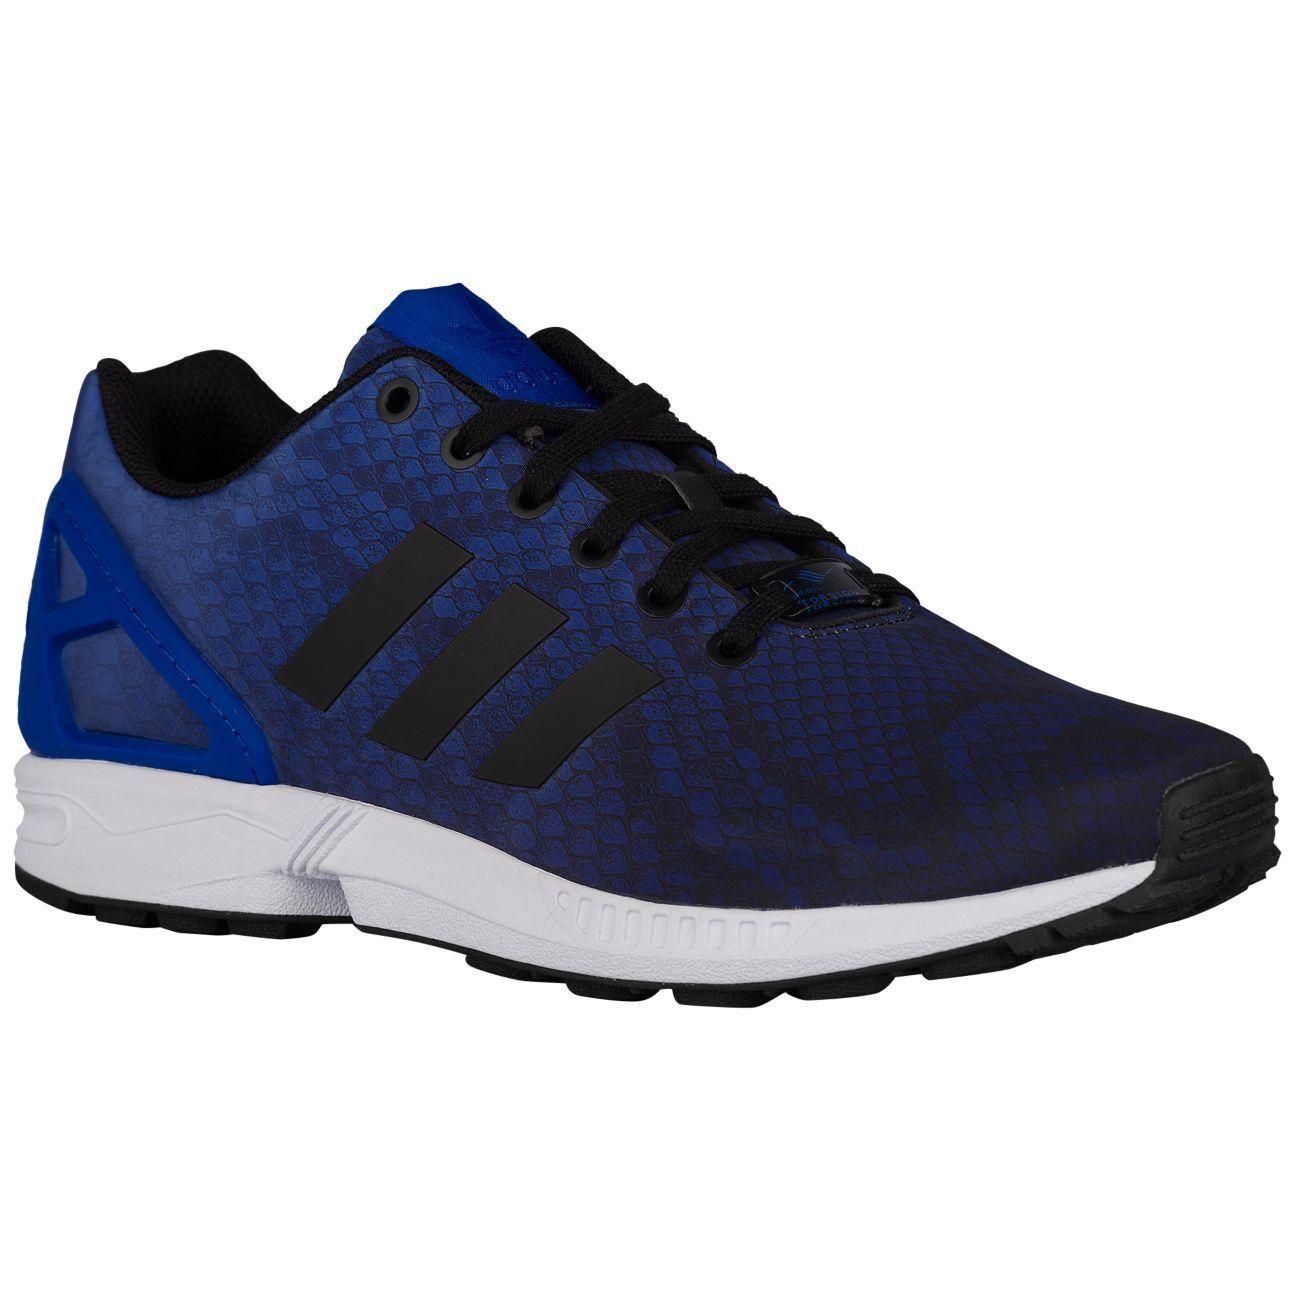 NUOVI Pantaloncini Adidas Uomo Adidas Pantaloncini Flux serpente stampato in esecuzione scarpe da training TAGLIA: 10.5 colore: Blu cb0e4c